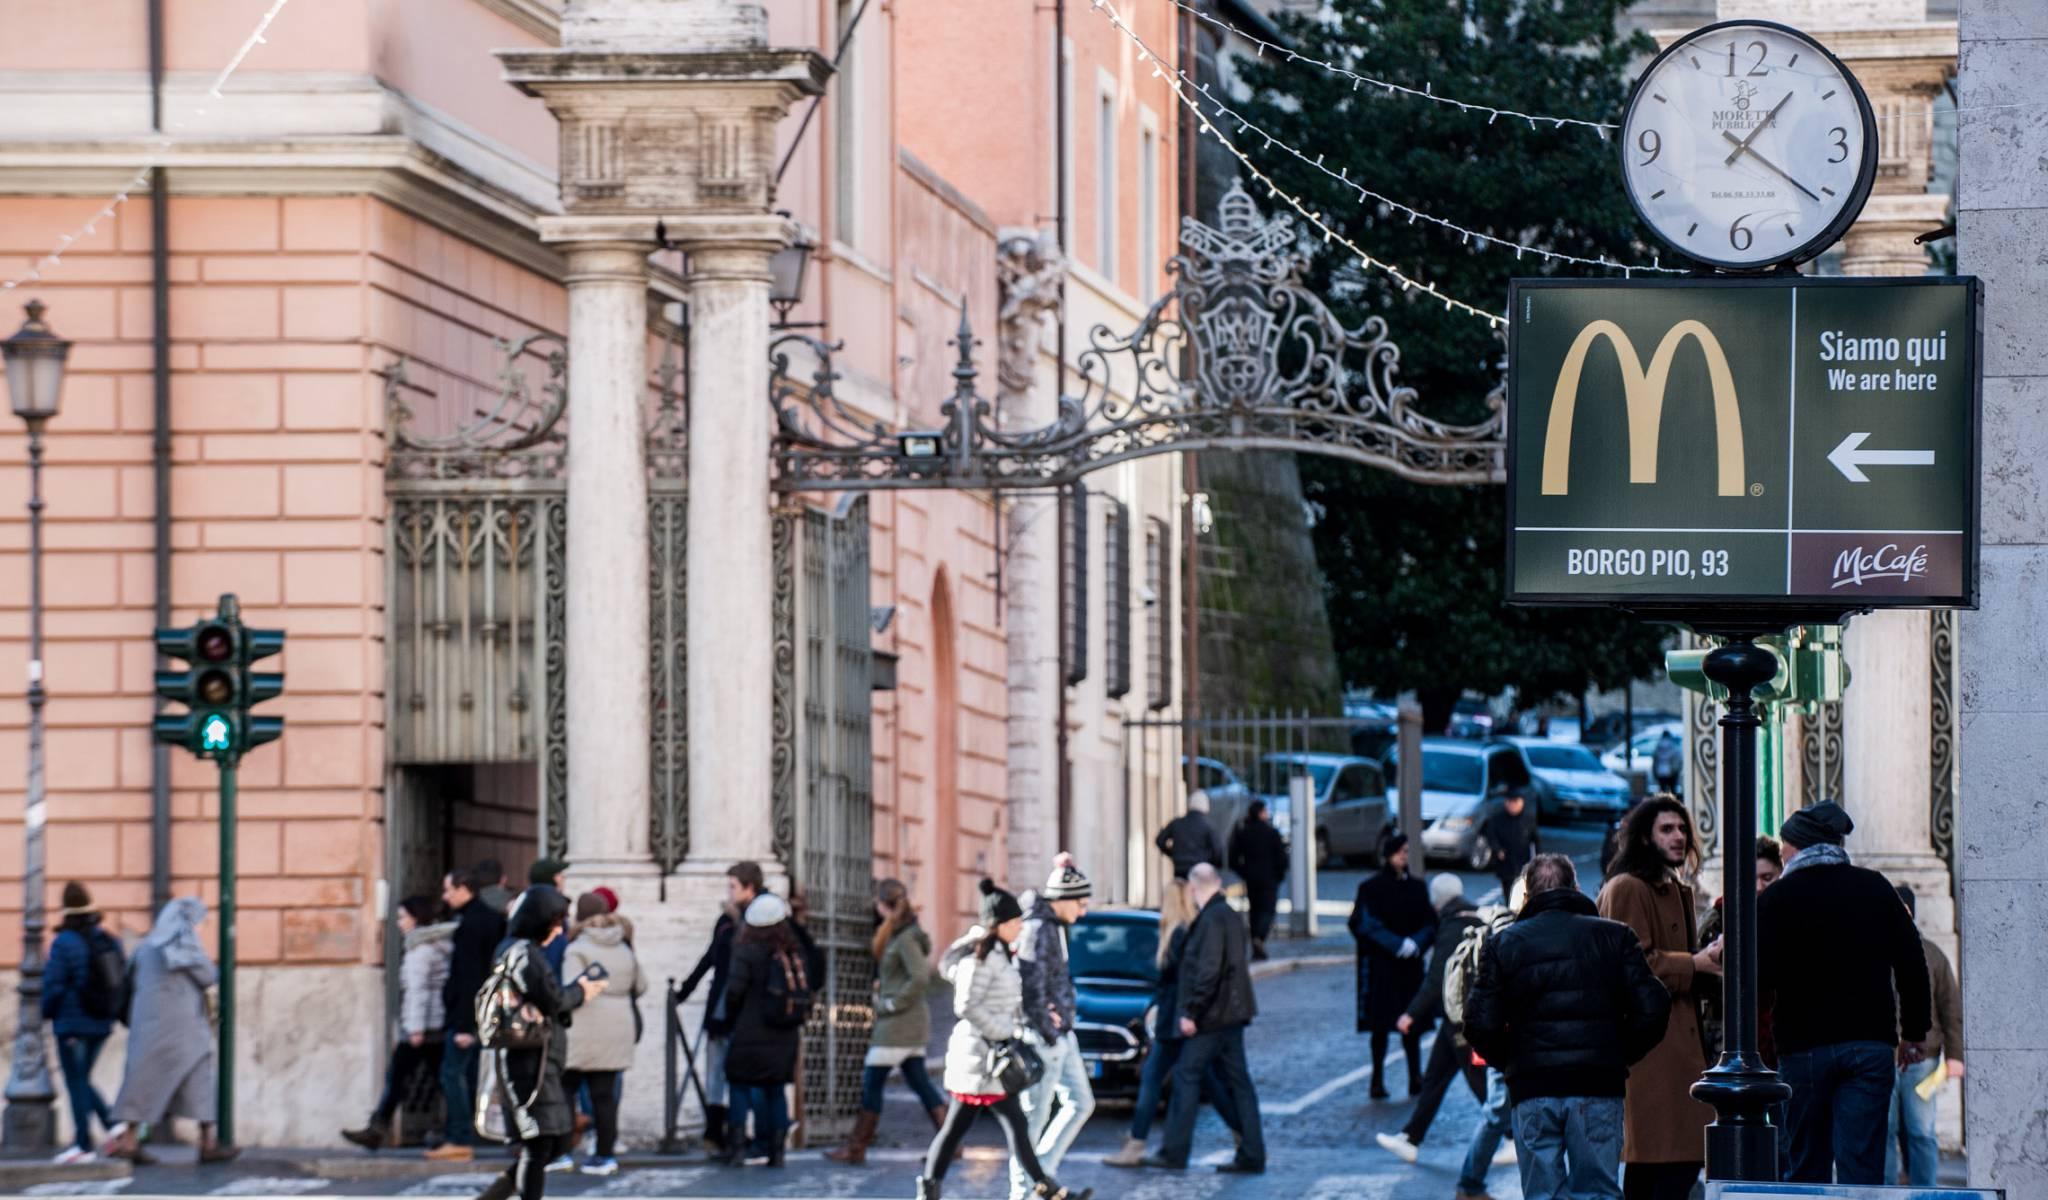 Publicidad del nuevo McDonalds de Borgo Pio, con el Vaticano al fondo